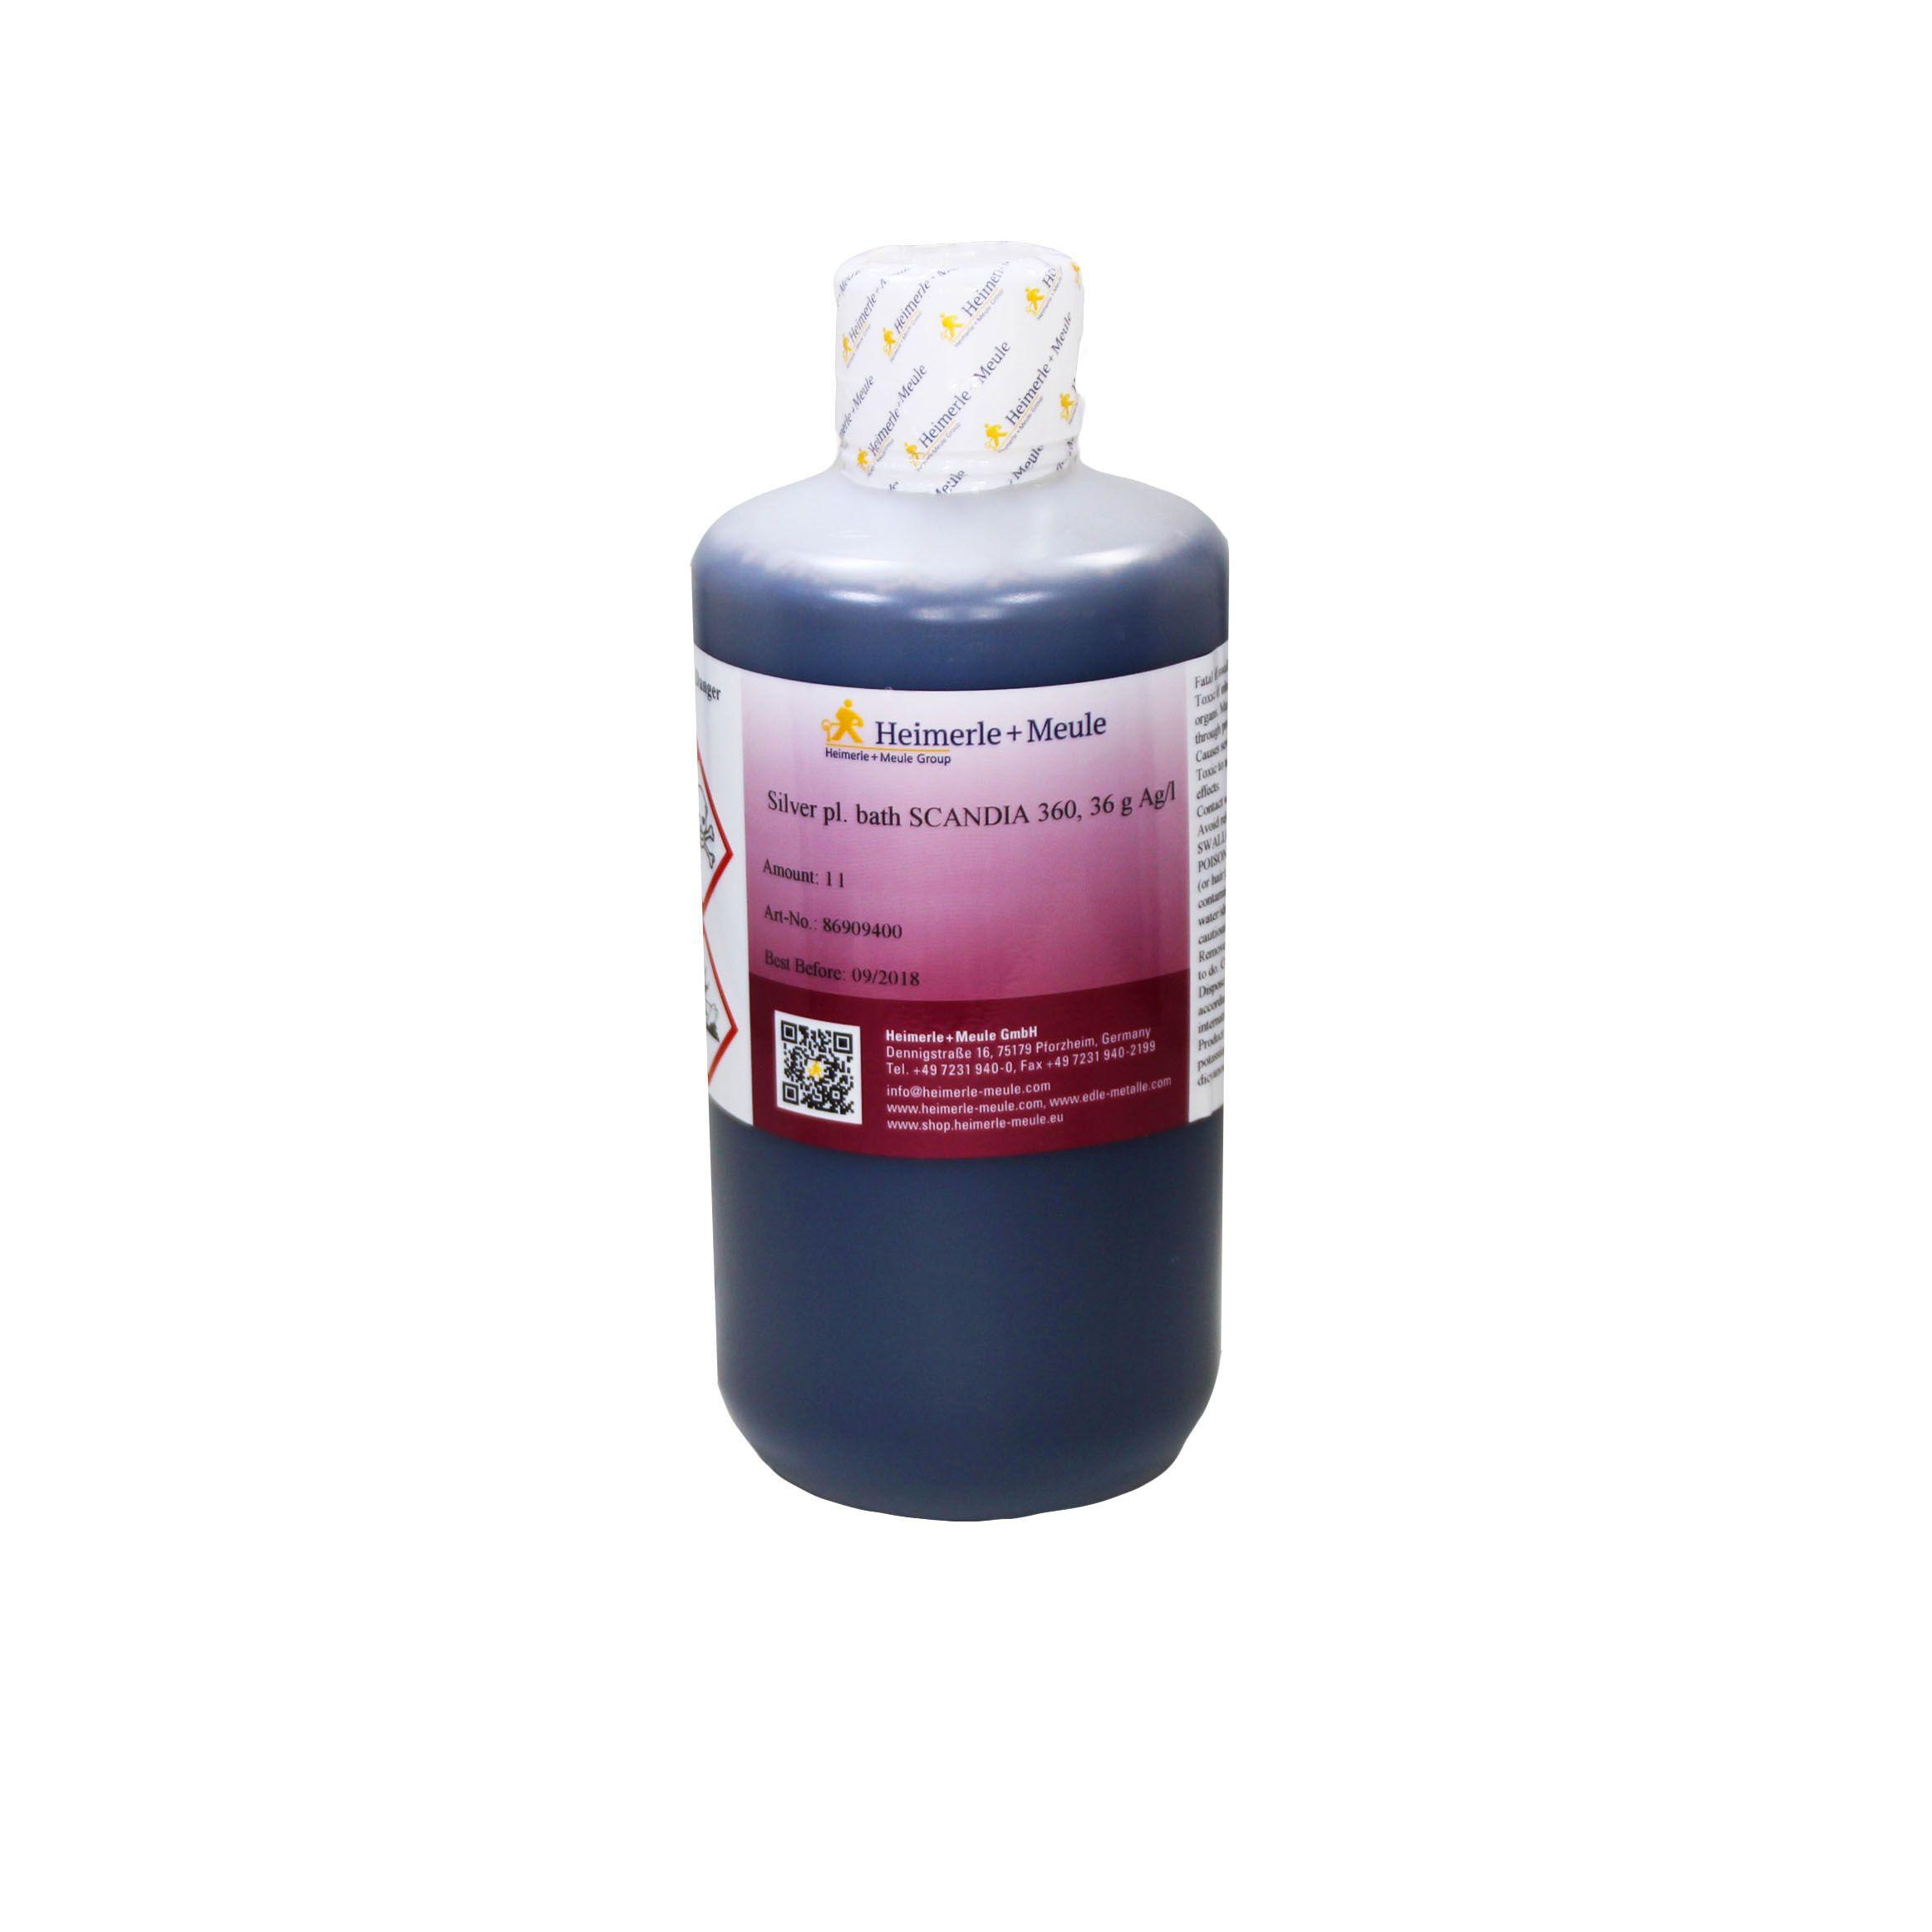 Электролит серебрения д/ванн, яркий SCANDIA 360, 36 г. Ag/1 л., Н+М